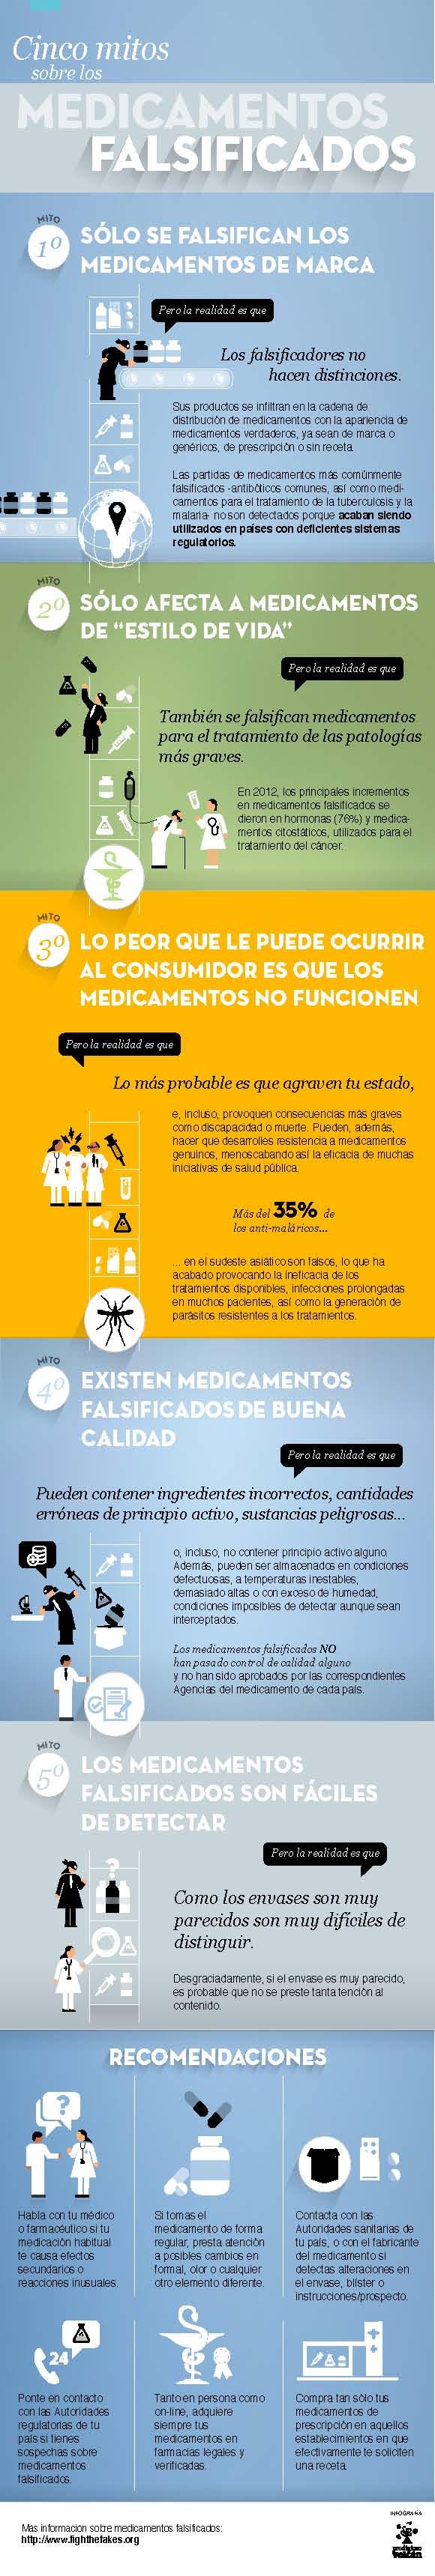 Cinco Mitos Sobre los Medicamentos Falsificados